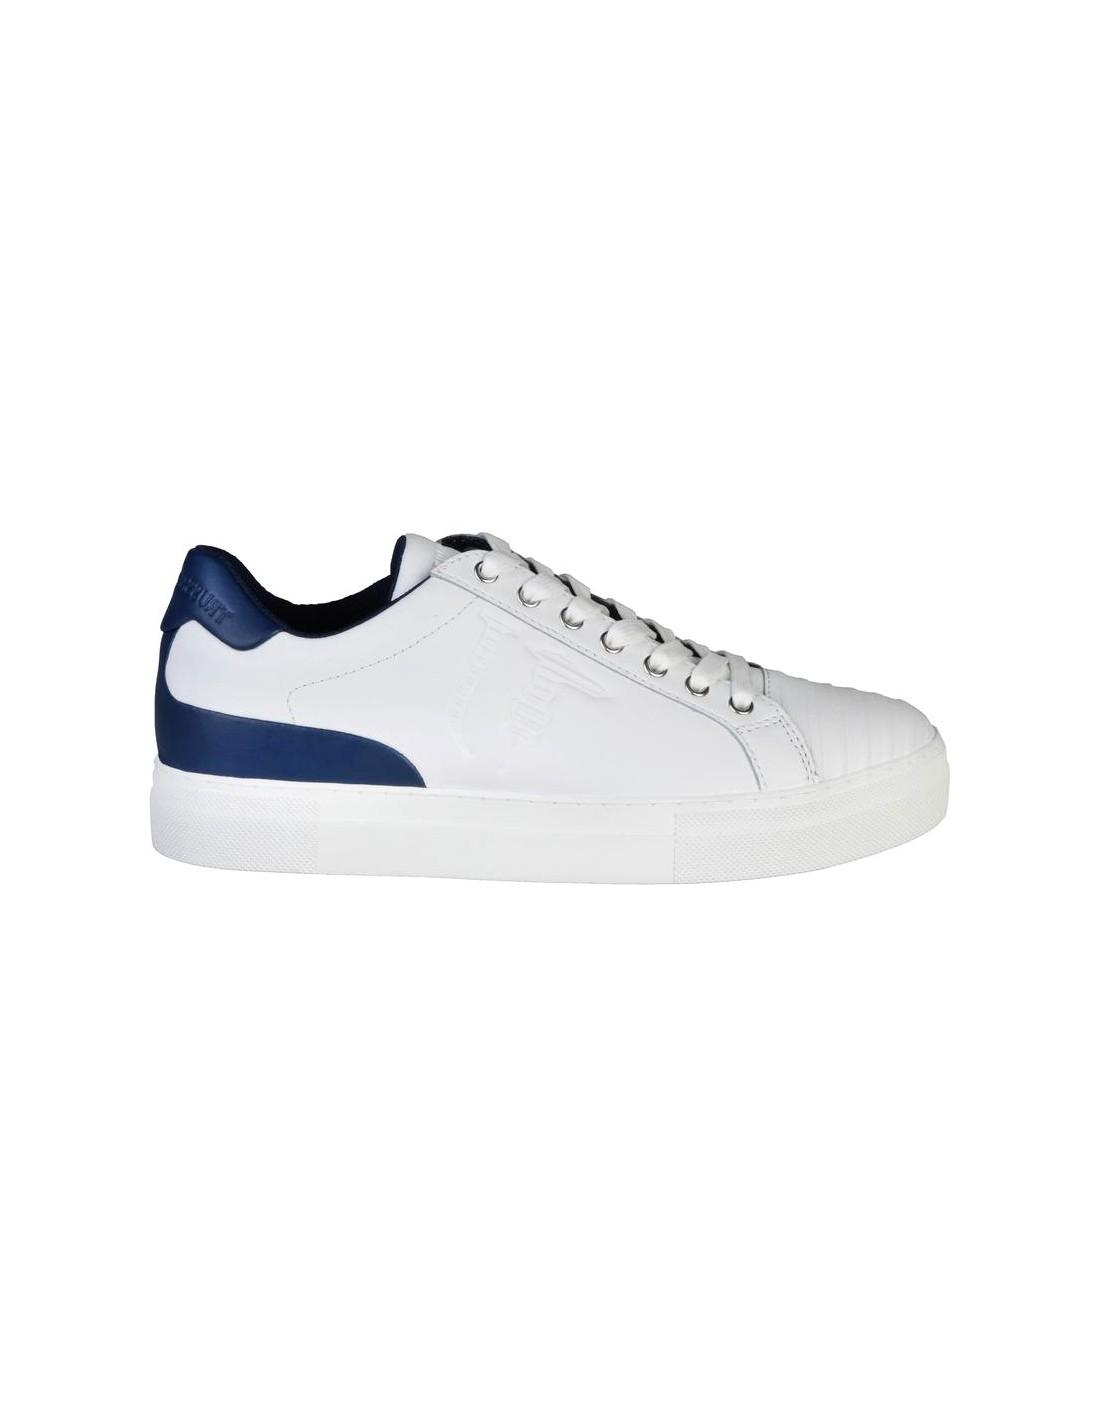 Bestpreis authentische Qualität beste Auswahl an Trussardi Jeans Sneaker Weiß/Blau